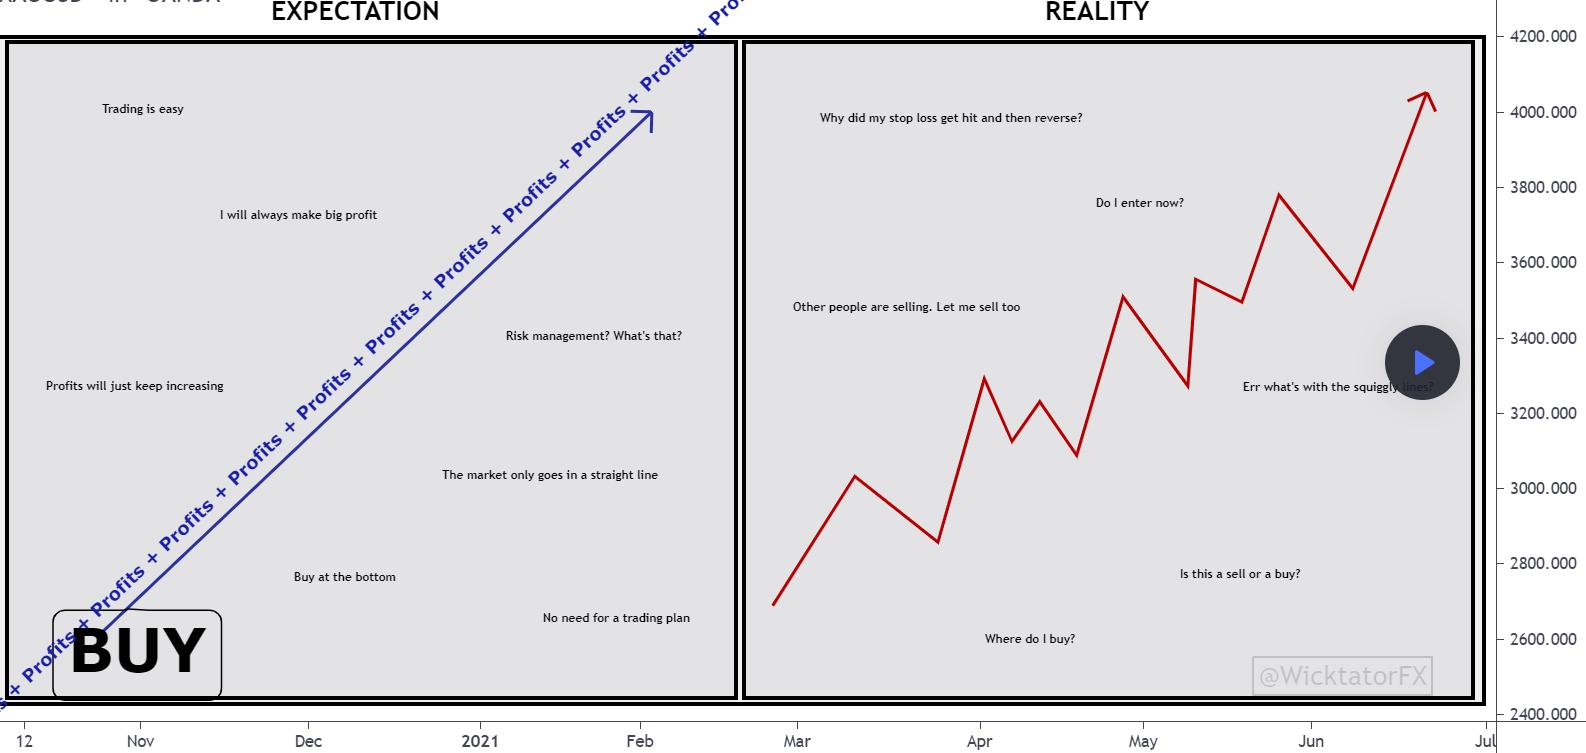 Trading - Expectations VS Reality